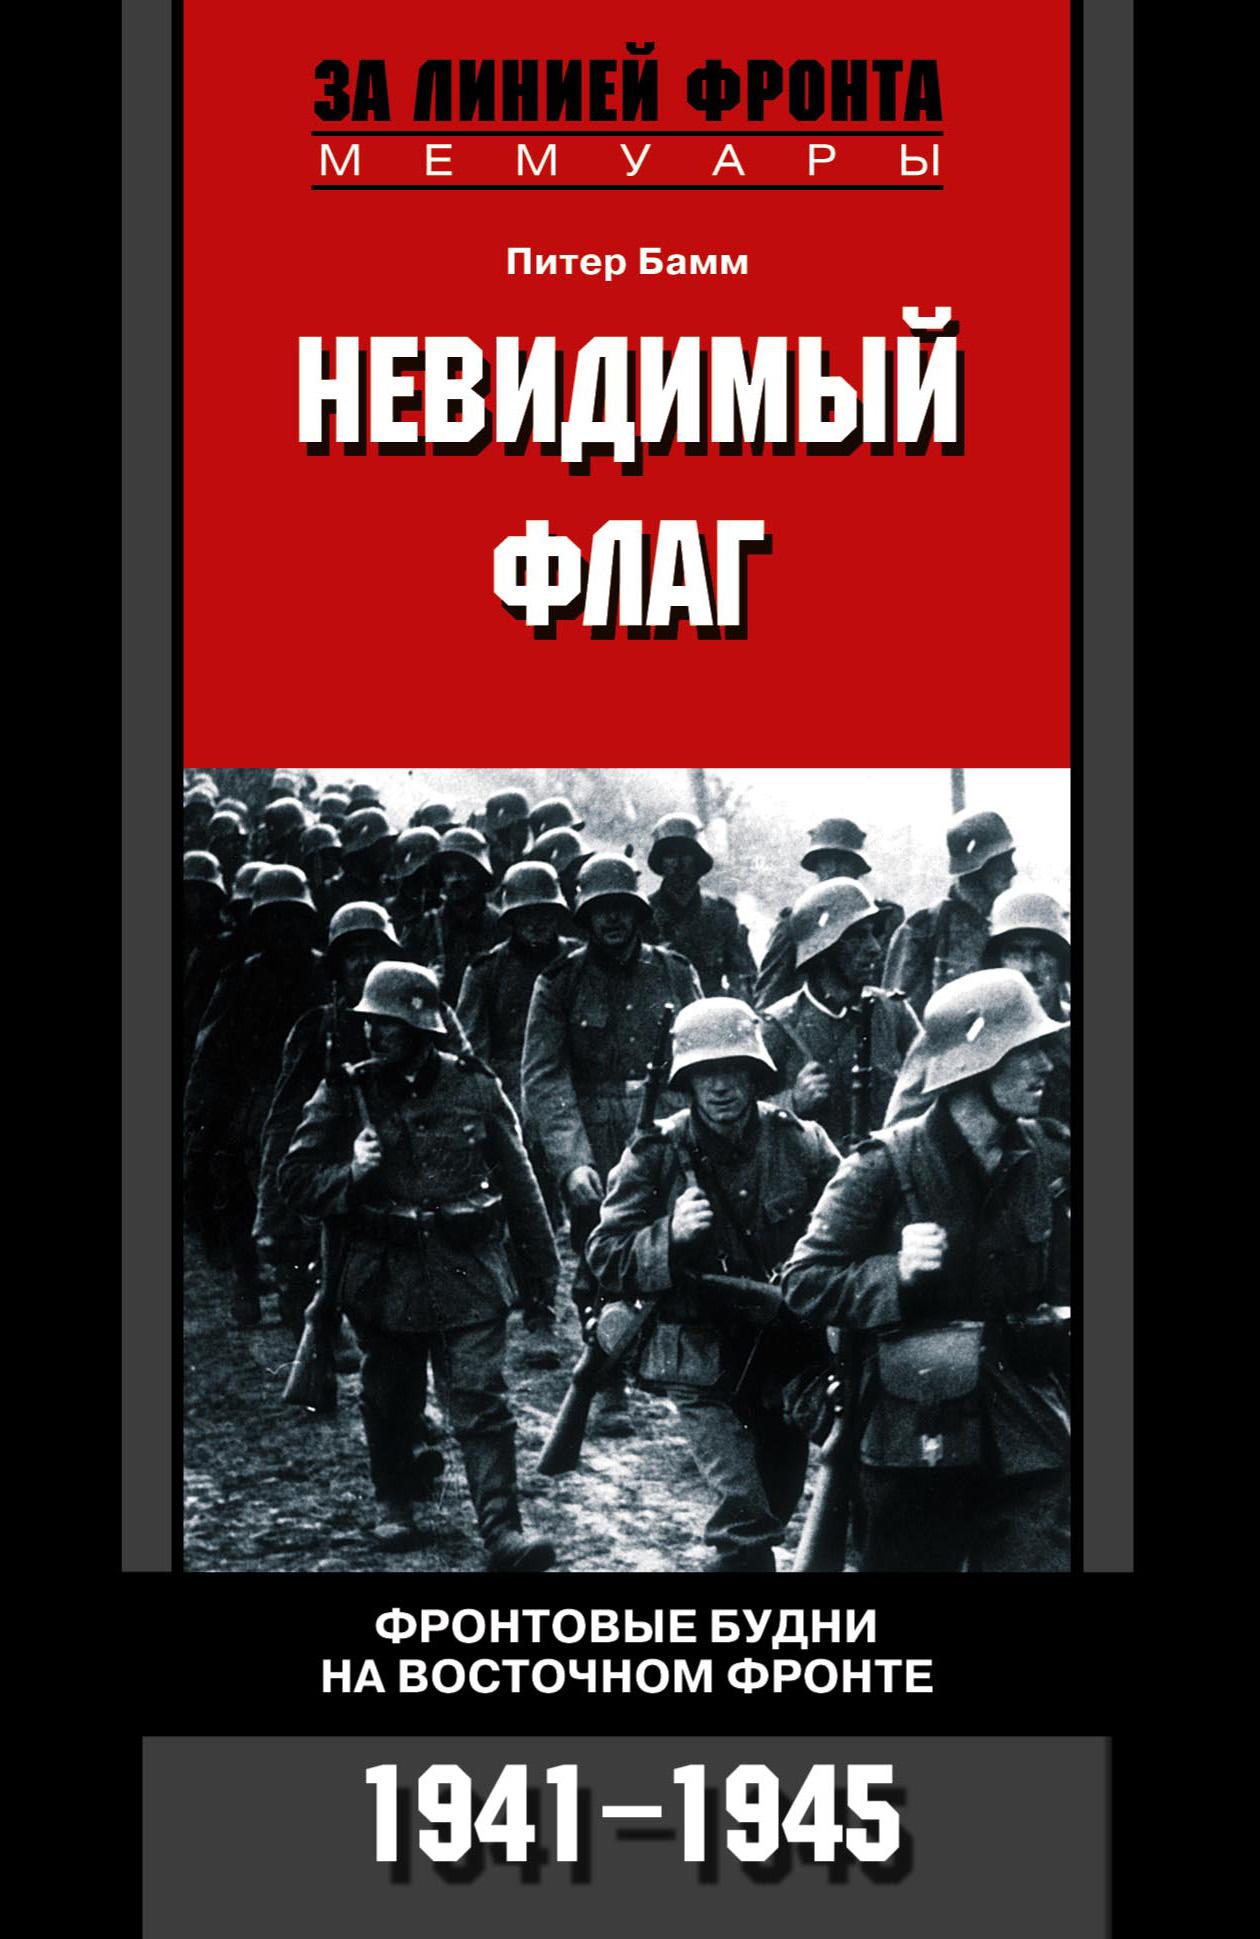 Питер Бамм Невидимый флаг. Фронтовые будни на Восточном фронте. 1941-1945 в поволяев г галкин фронтовые будни